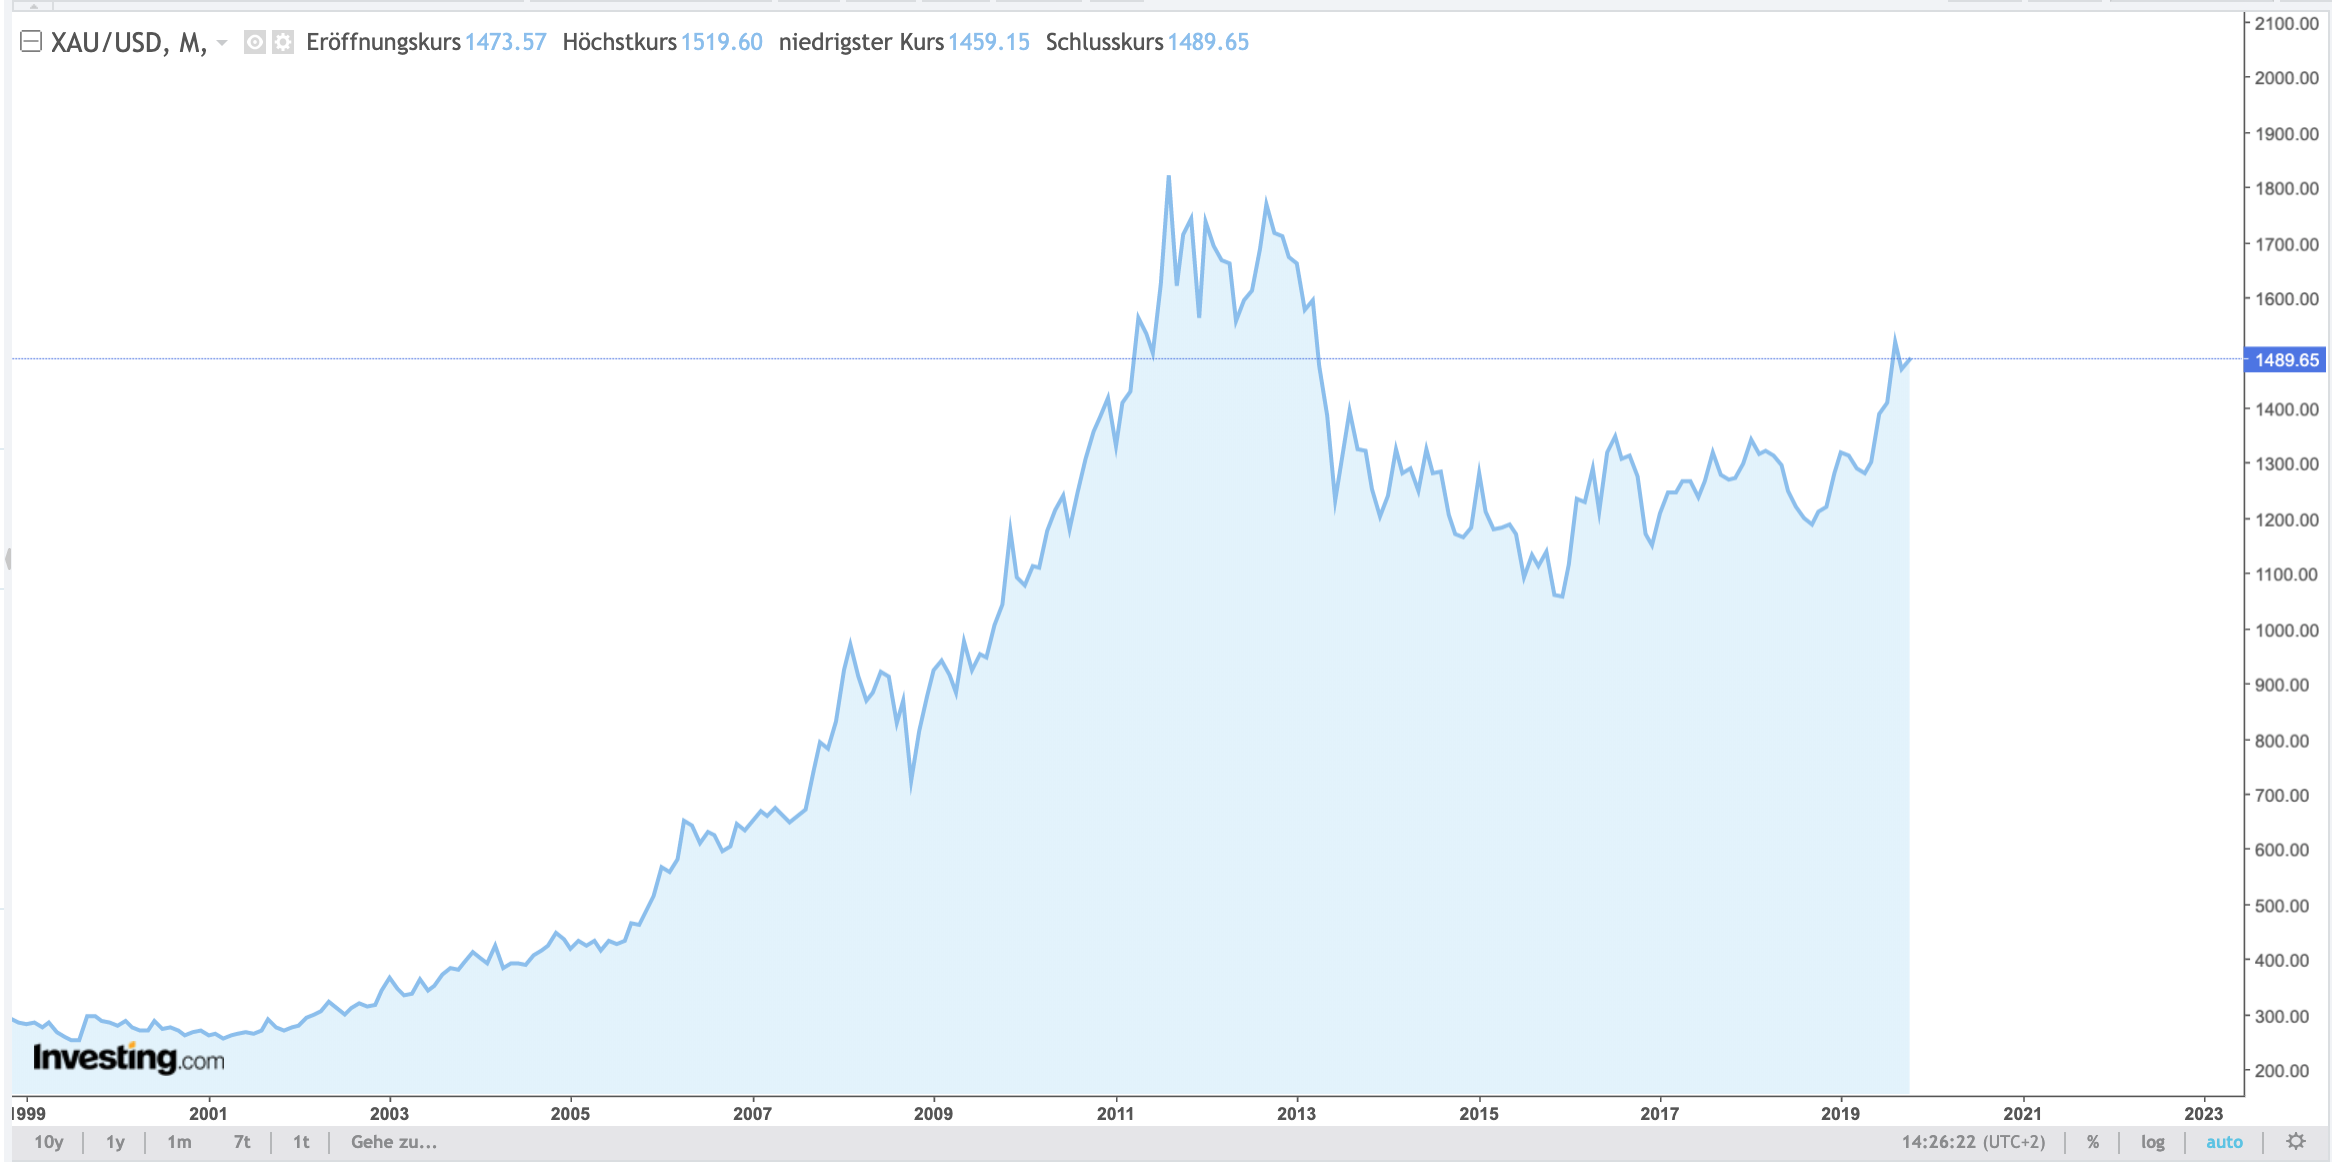 Der XAU/USD (Spot-Gold) auf dem Monatschart